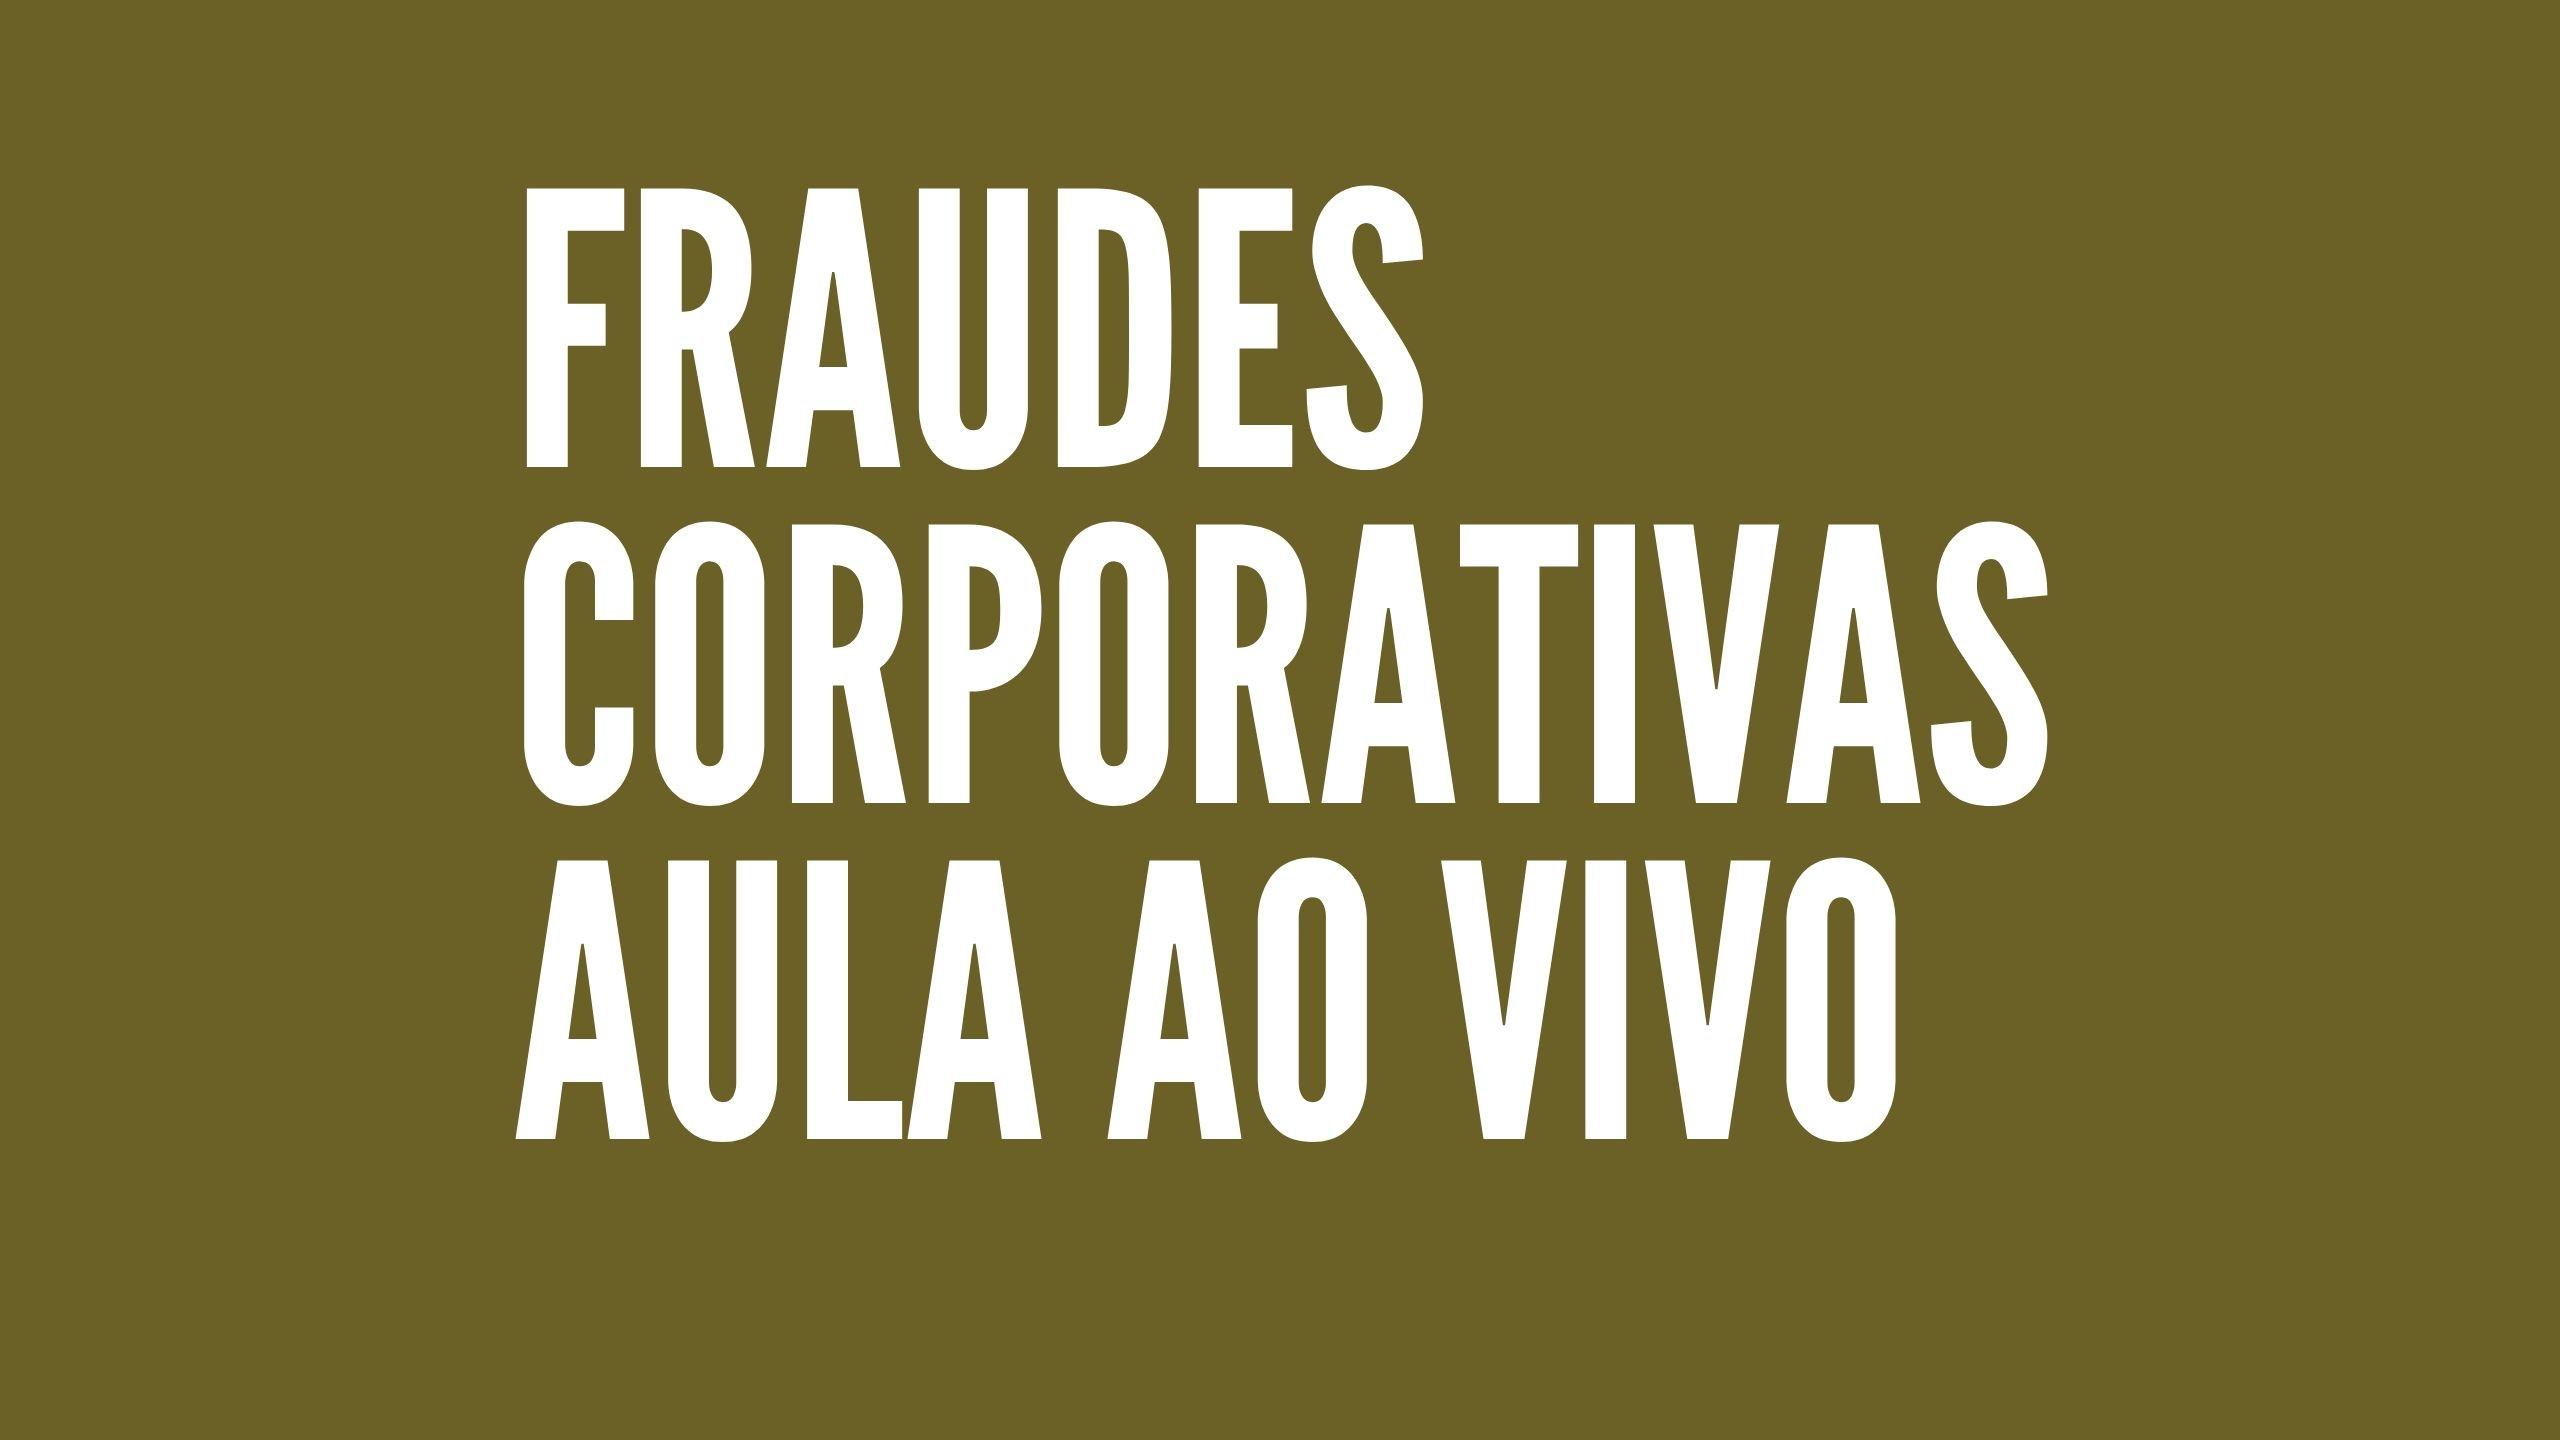 Fraudes%20corporativas%20ao%20vivo